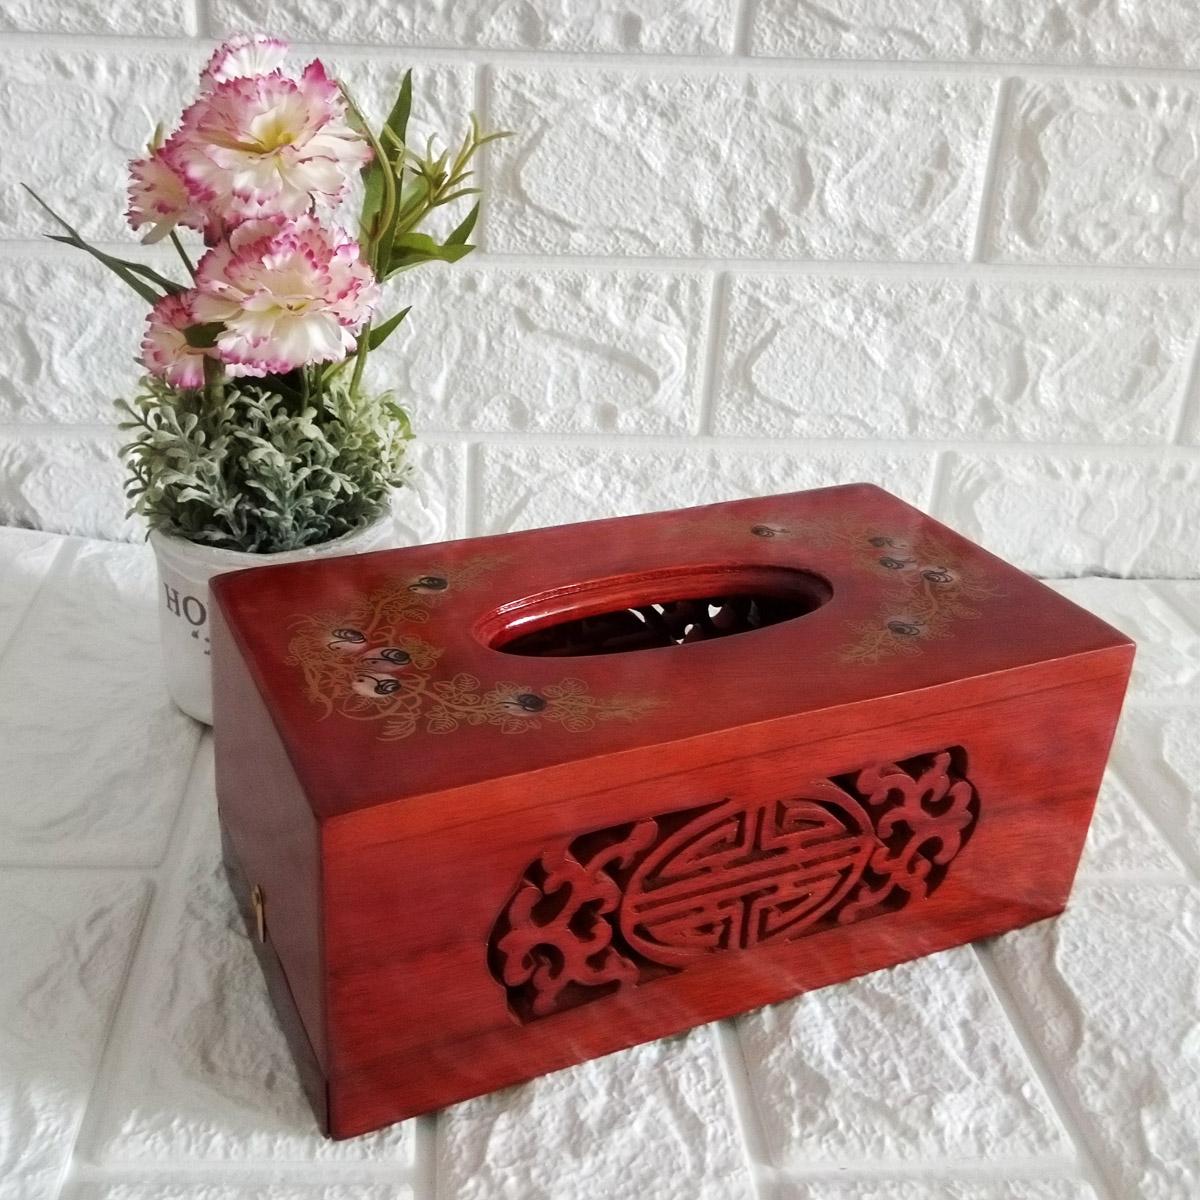 Bộ 3 món tiện ích bằng gỗ hương đỏ ,Hộp Trà trung, hộp tăm,hộp giấy COM3M02